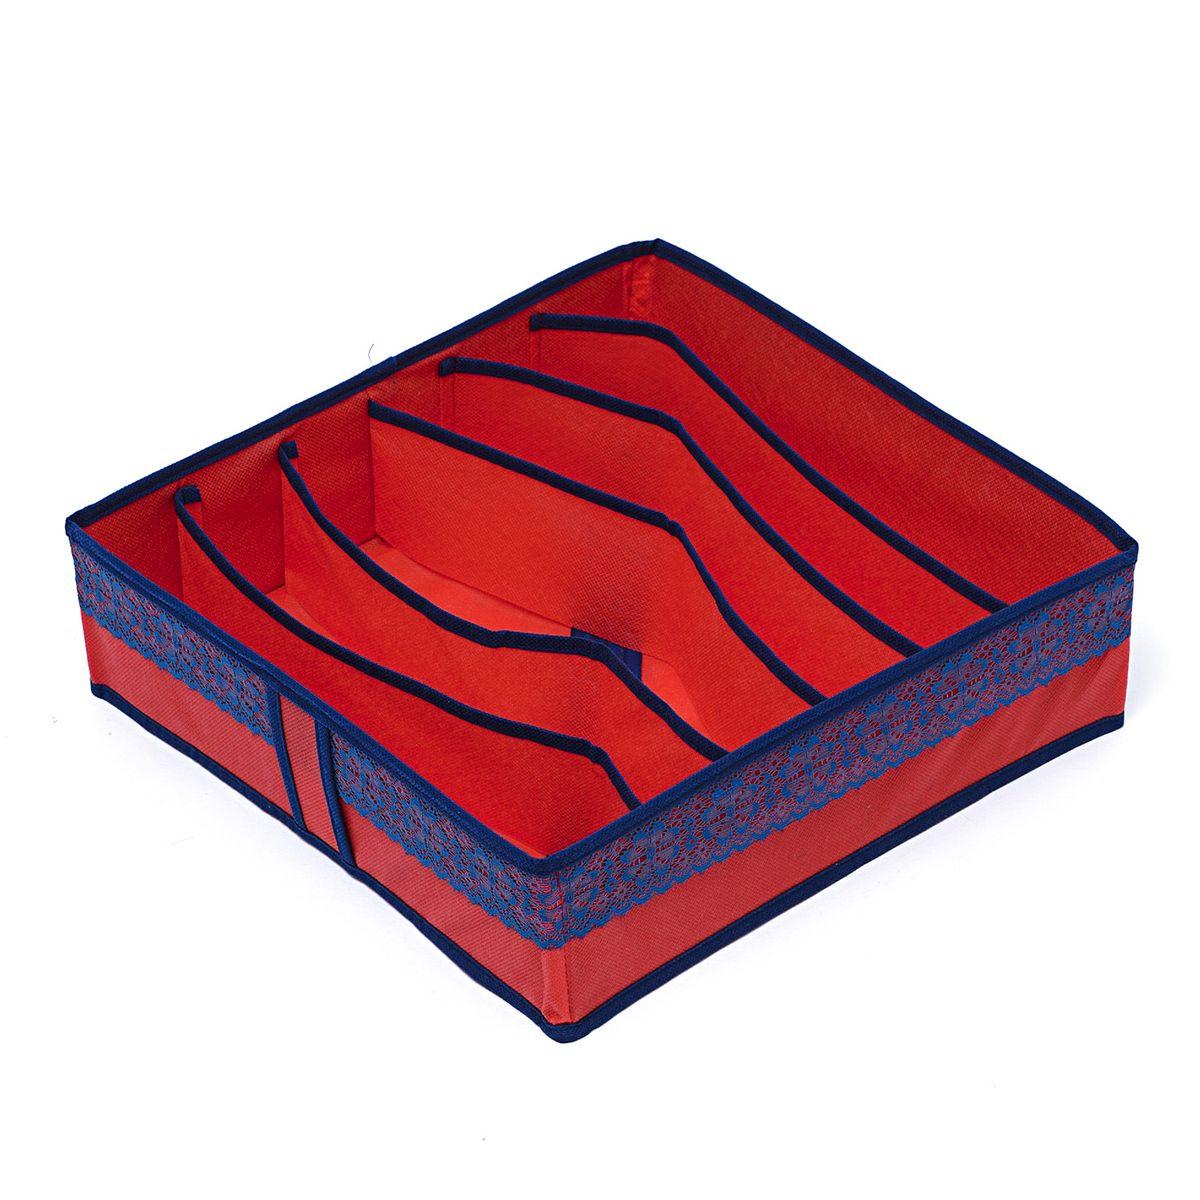 Органайзер для бюстгальтеров Homsu Rosso на 6 ячеек, 35 x 35 x 10 смHOM-315Квадратный и плоский органайзер с 6 раздельными ячейками 32 см на 5 см очень удобен для хранения вещей среднего размера в вашем ящике или на полке. Идеально для бюстгальтеров, нижнего белья и других вещей ежедневного пользования. Имеет жесткие борта, что является гарантией сохраности вещей. Фактический цвет может отличаться от заявленного.